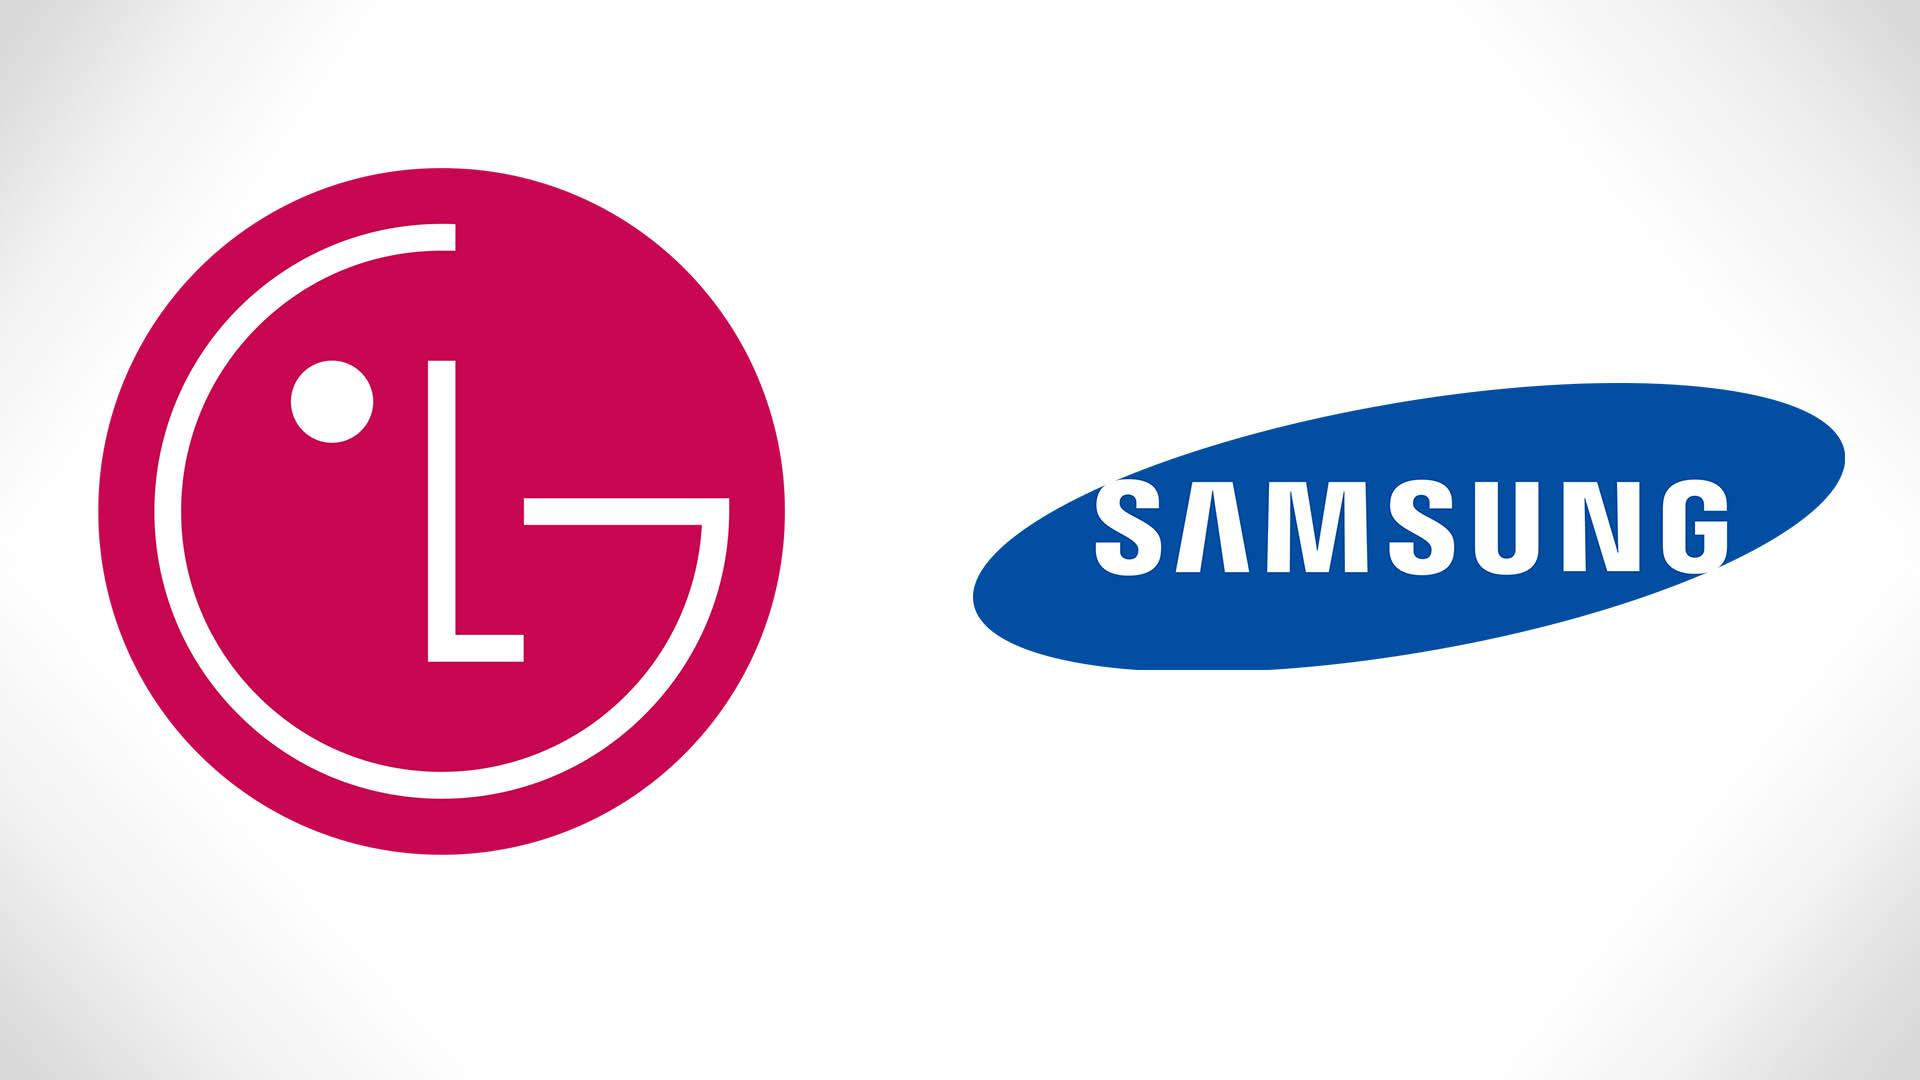 Samsung обвиняет директорат LG в отламывании крышек баков от стиральных машин